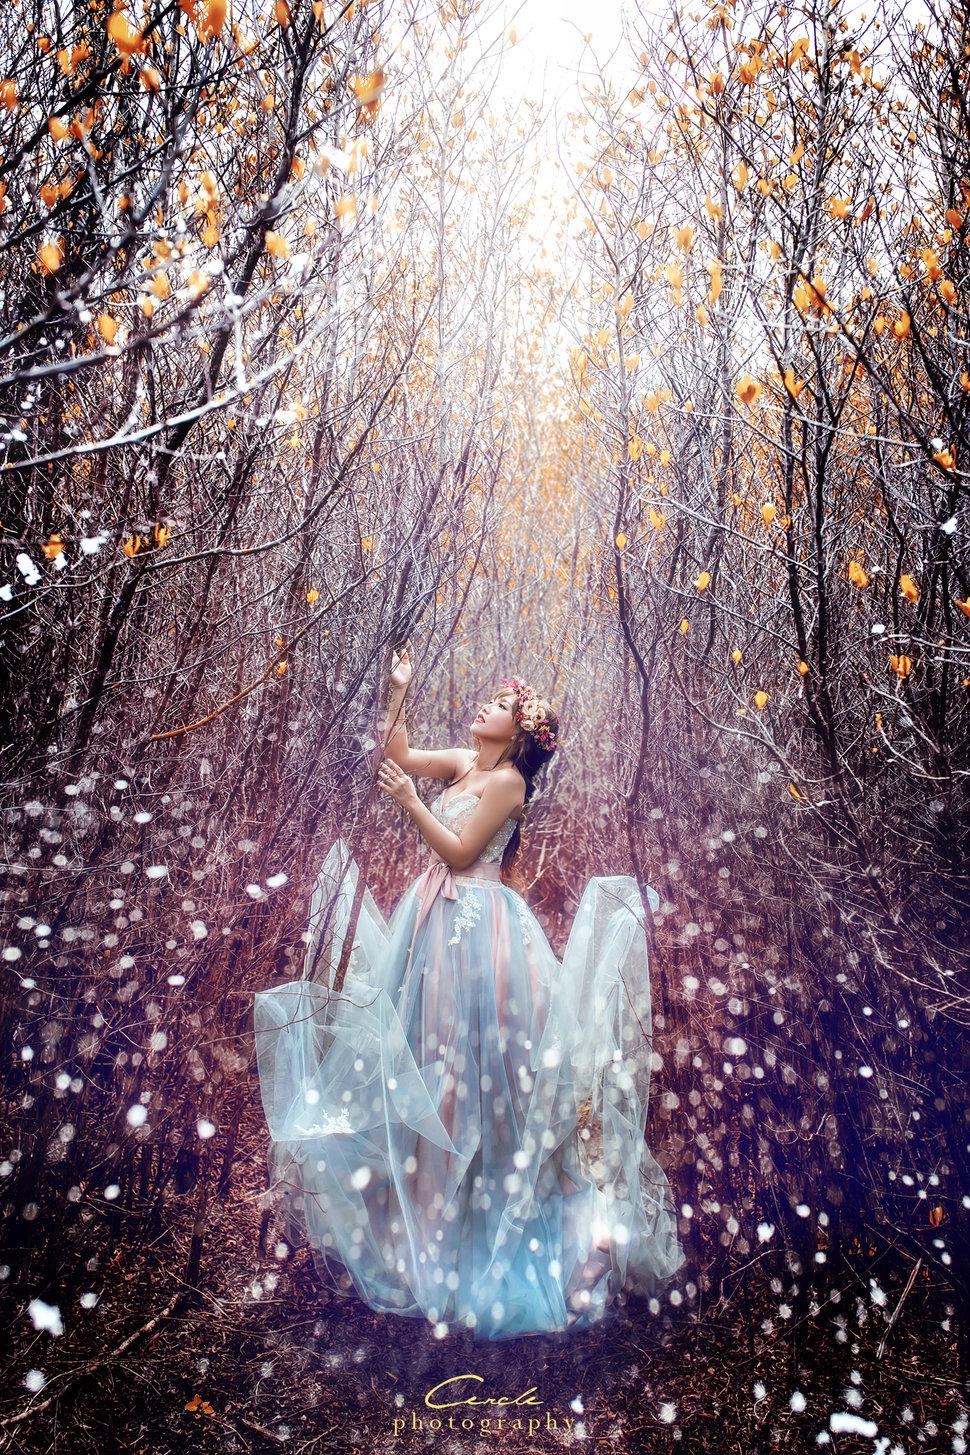 高雄自助婚紗 森林風婚紗2 - CERCLE工作室-婚攝小喬 女攝影師《結婚吧》